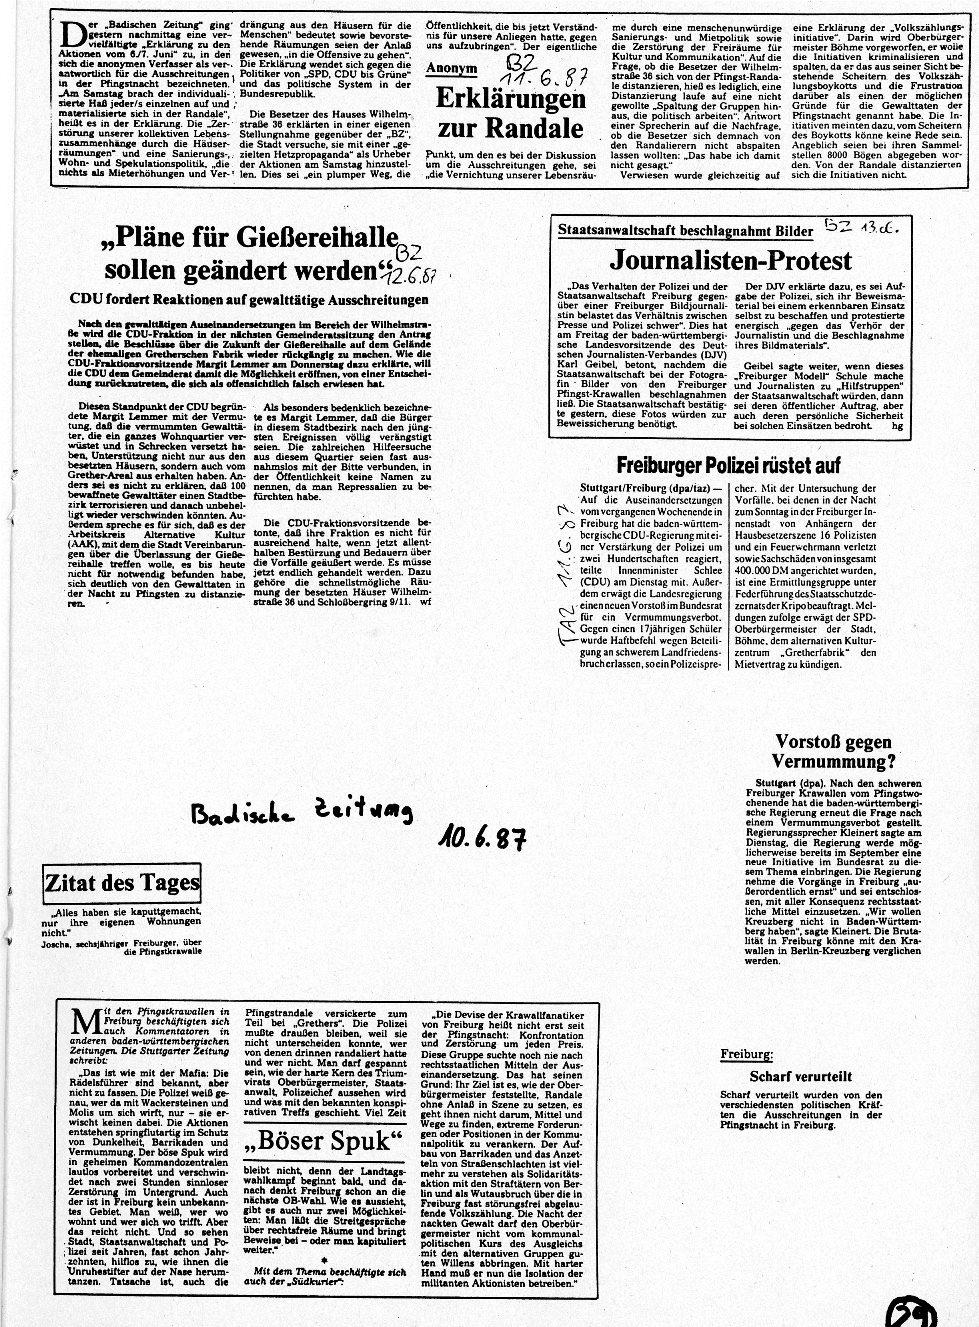 Freiburg_Hausbesetzung_03_Willi_und_andere_29